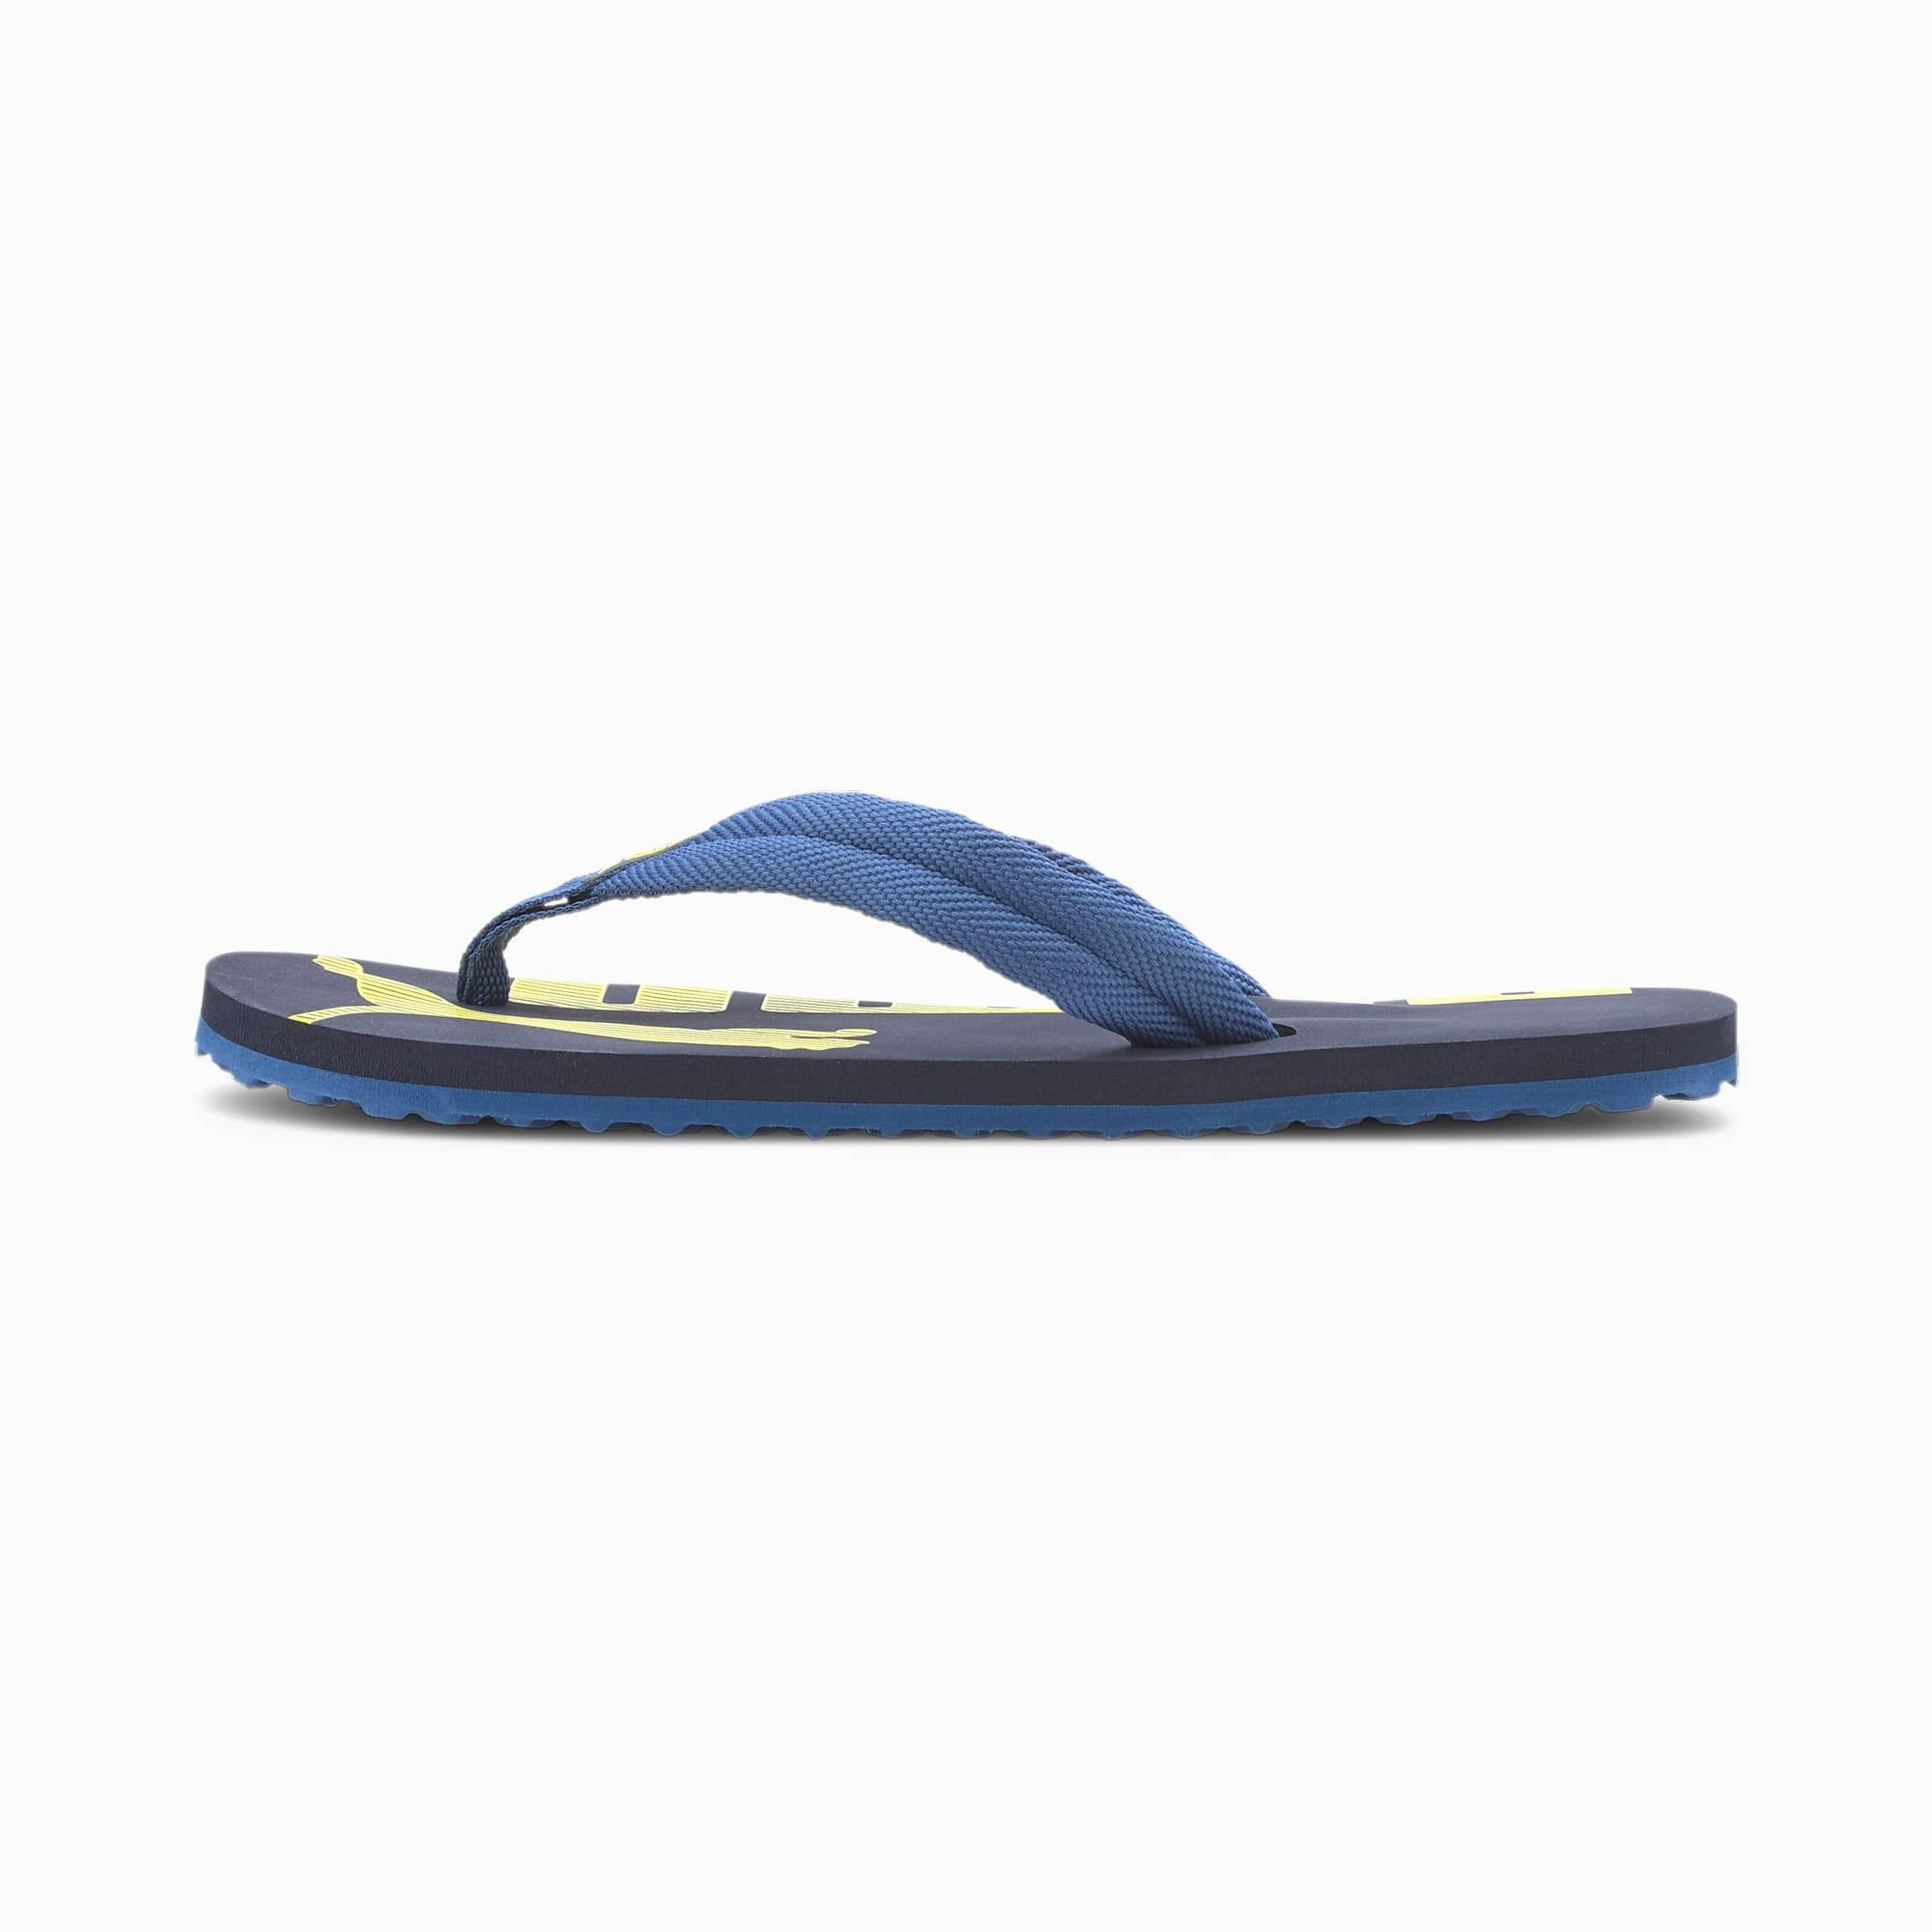 PUMA Tong Epic Flip v2 pour enfant, Bleu, Taille 35.5, Chaussures